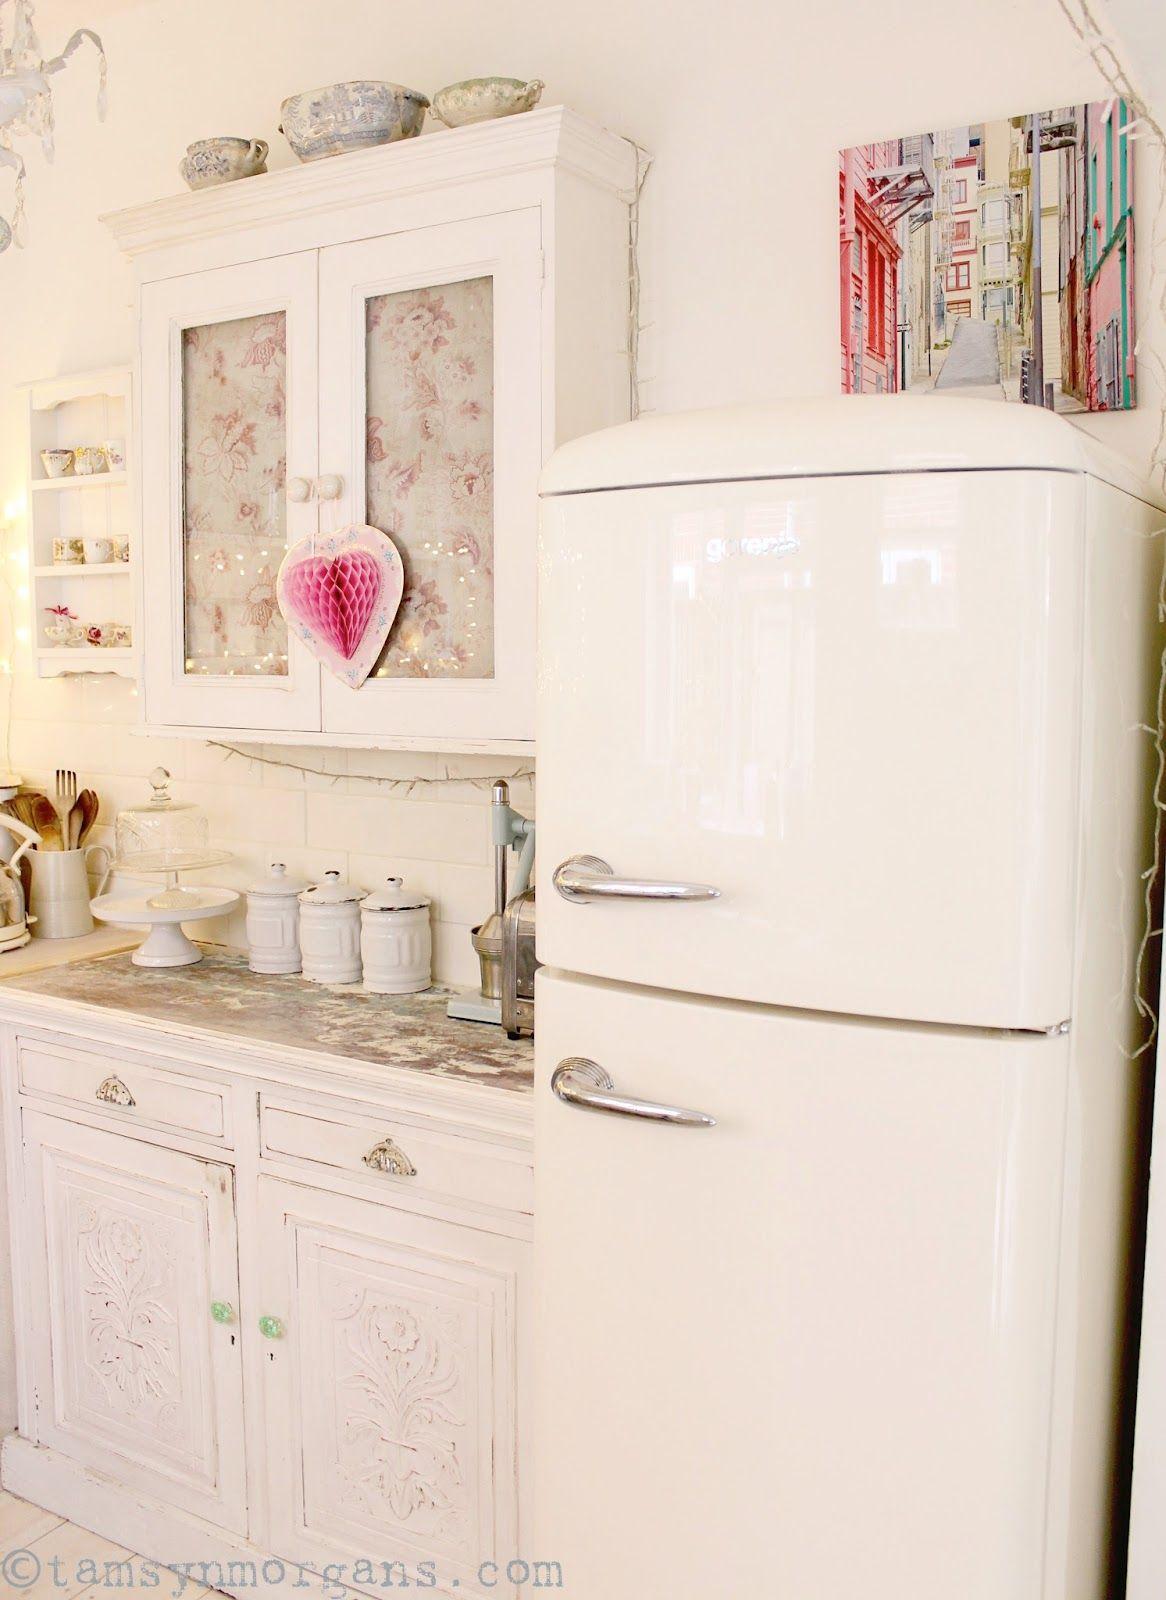 Küchenschrank ideen kleine küchen gorenje fridge  home  pinterest  küche